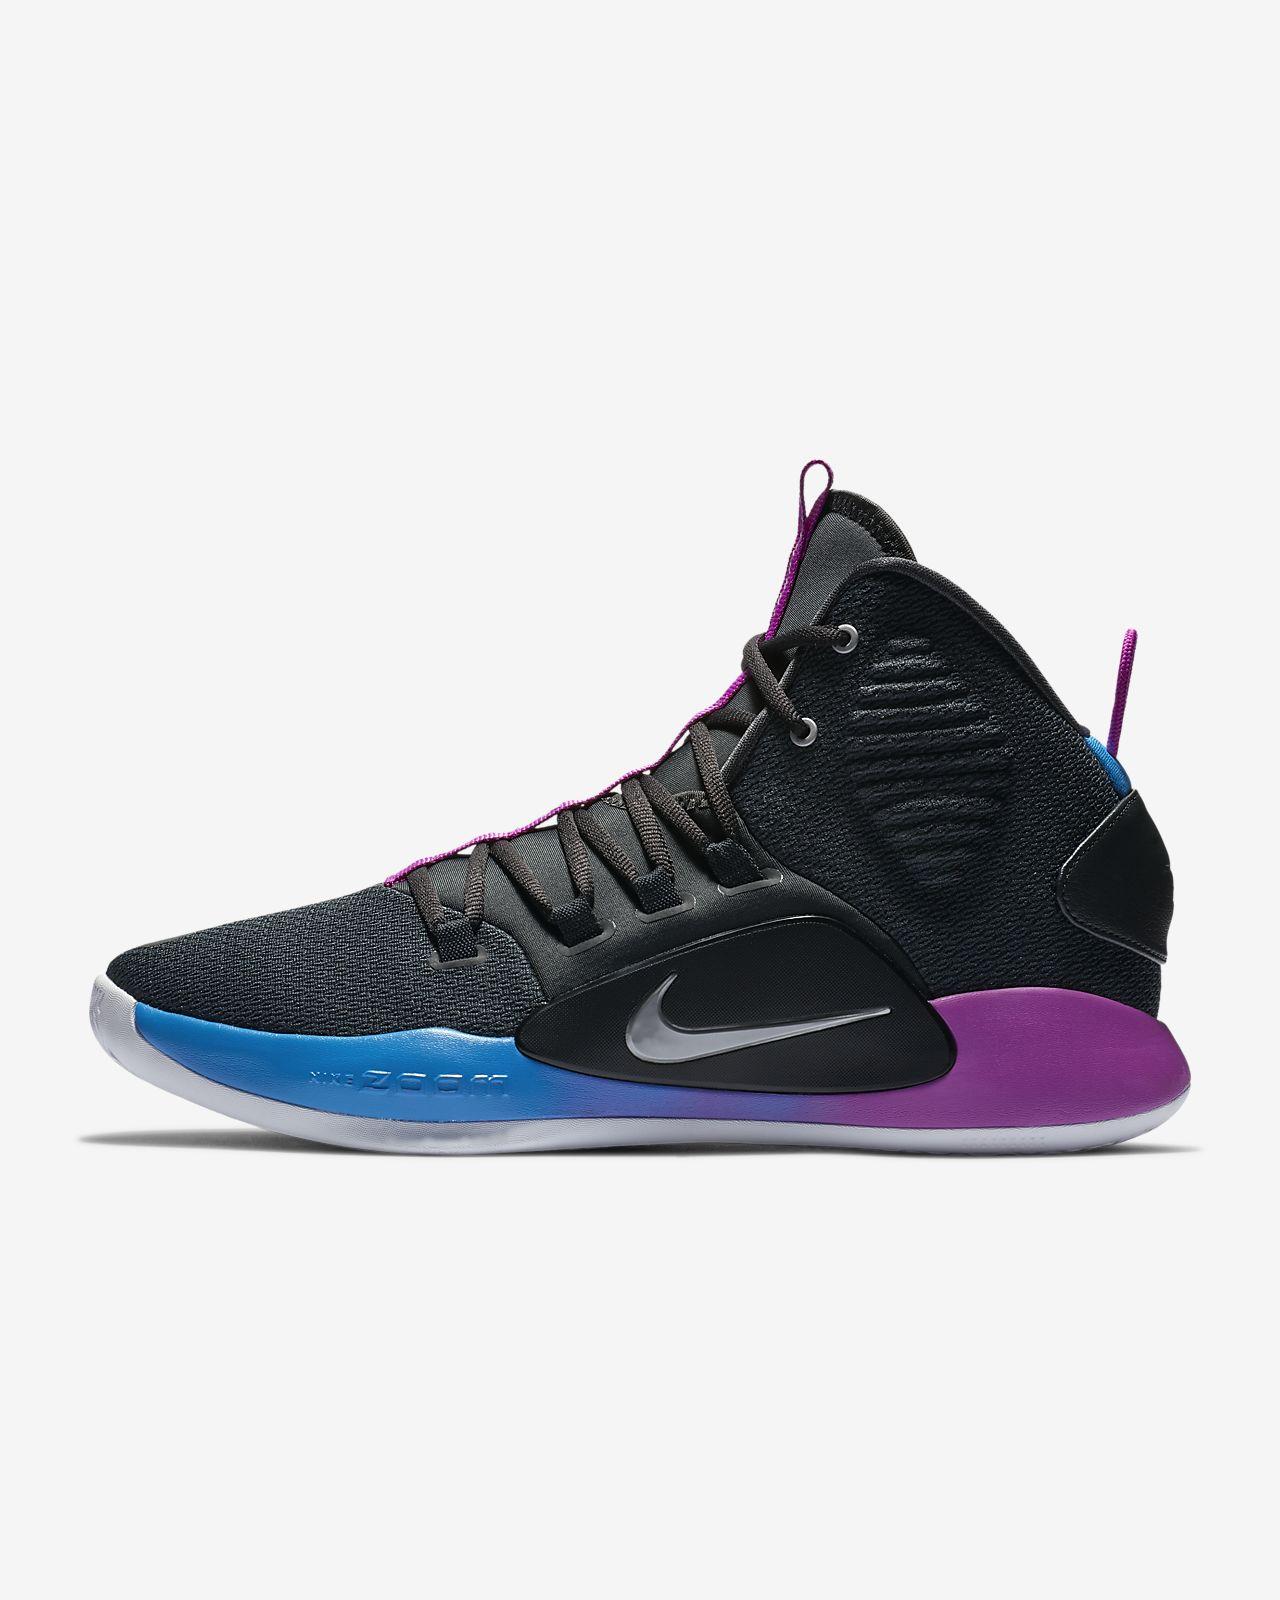 official photos 27ccb 14d9a Low Resolution Calzado de básquetbol Nike Hyperdunk X Calzado de básquetbol  Nike Hyperdunk X